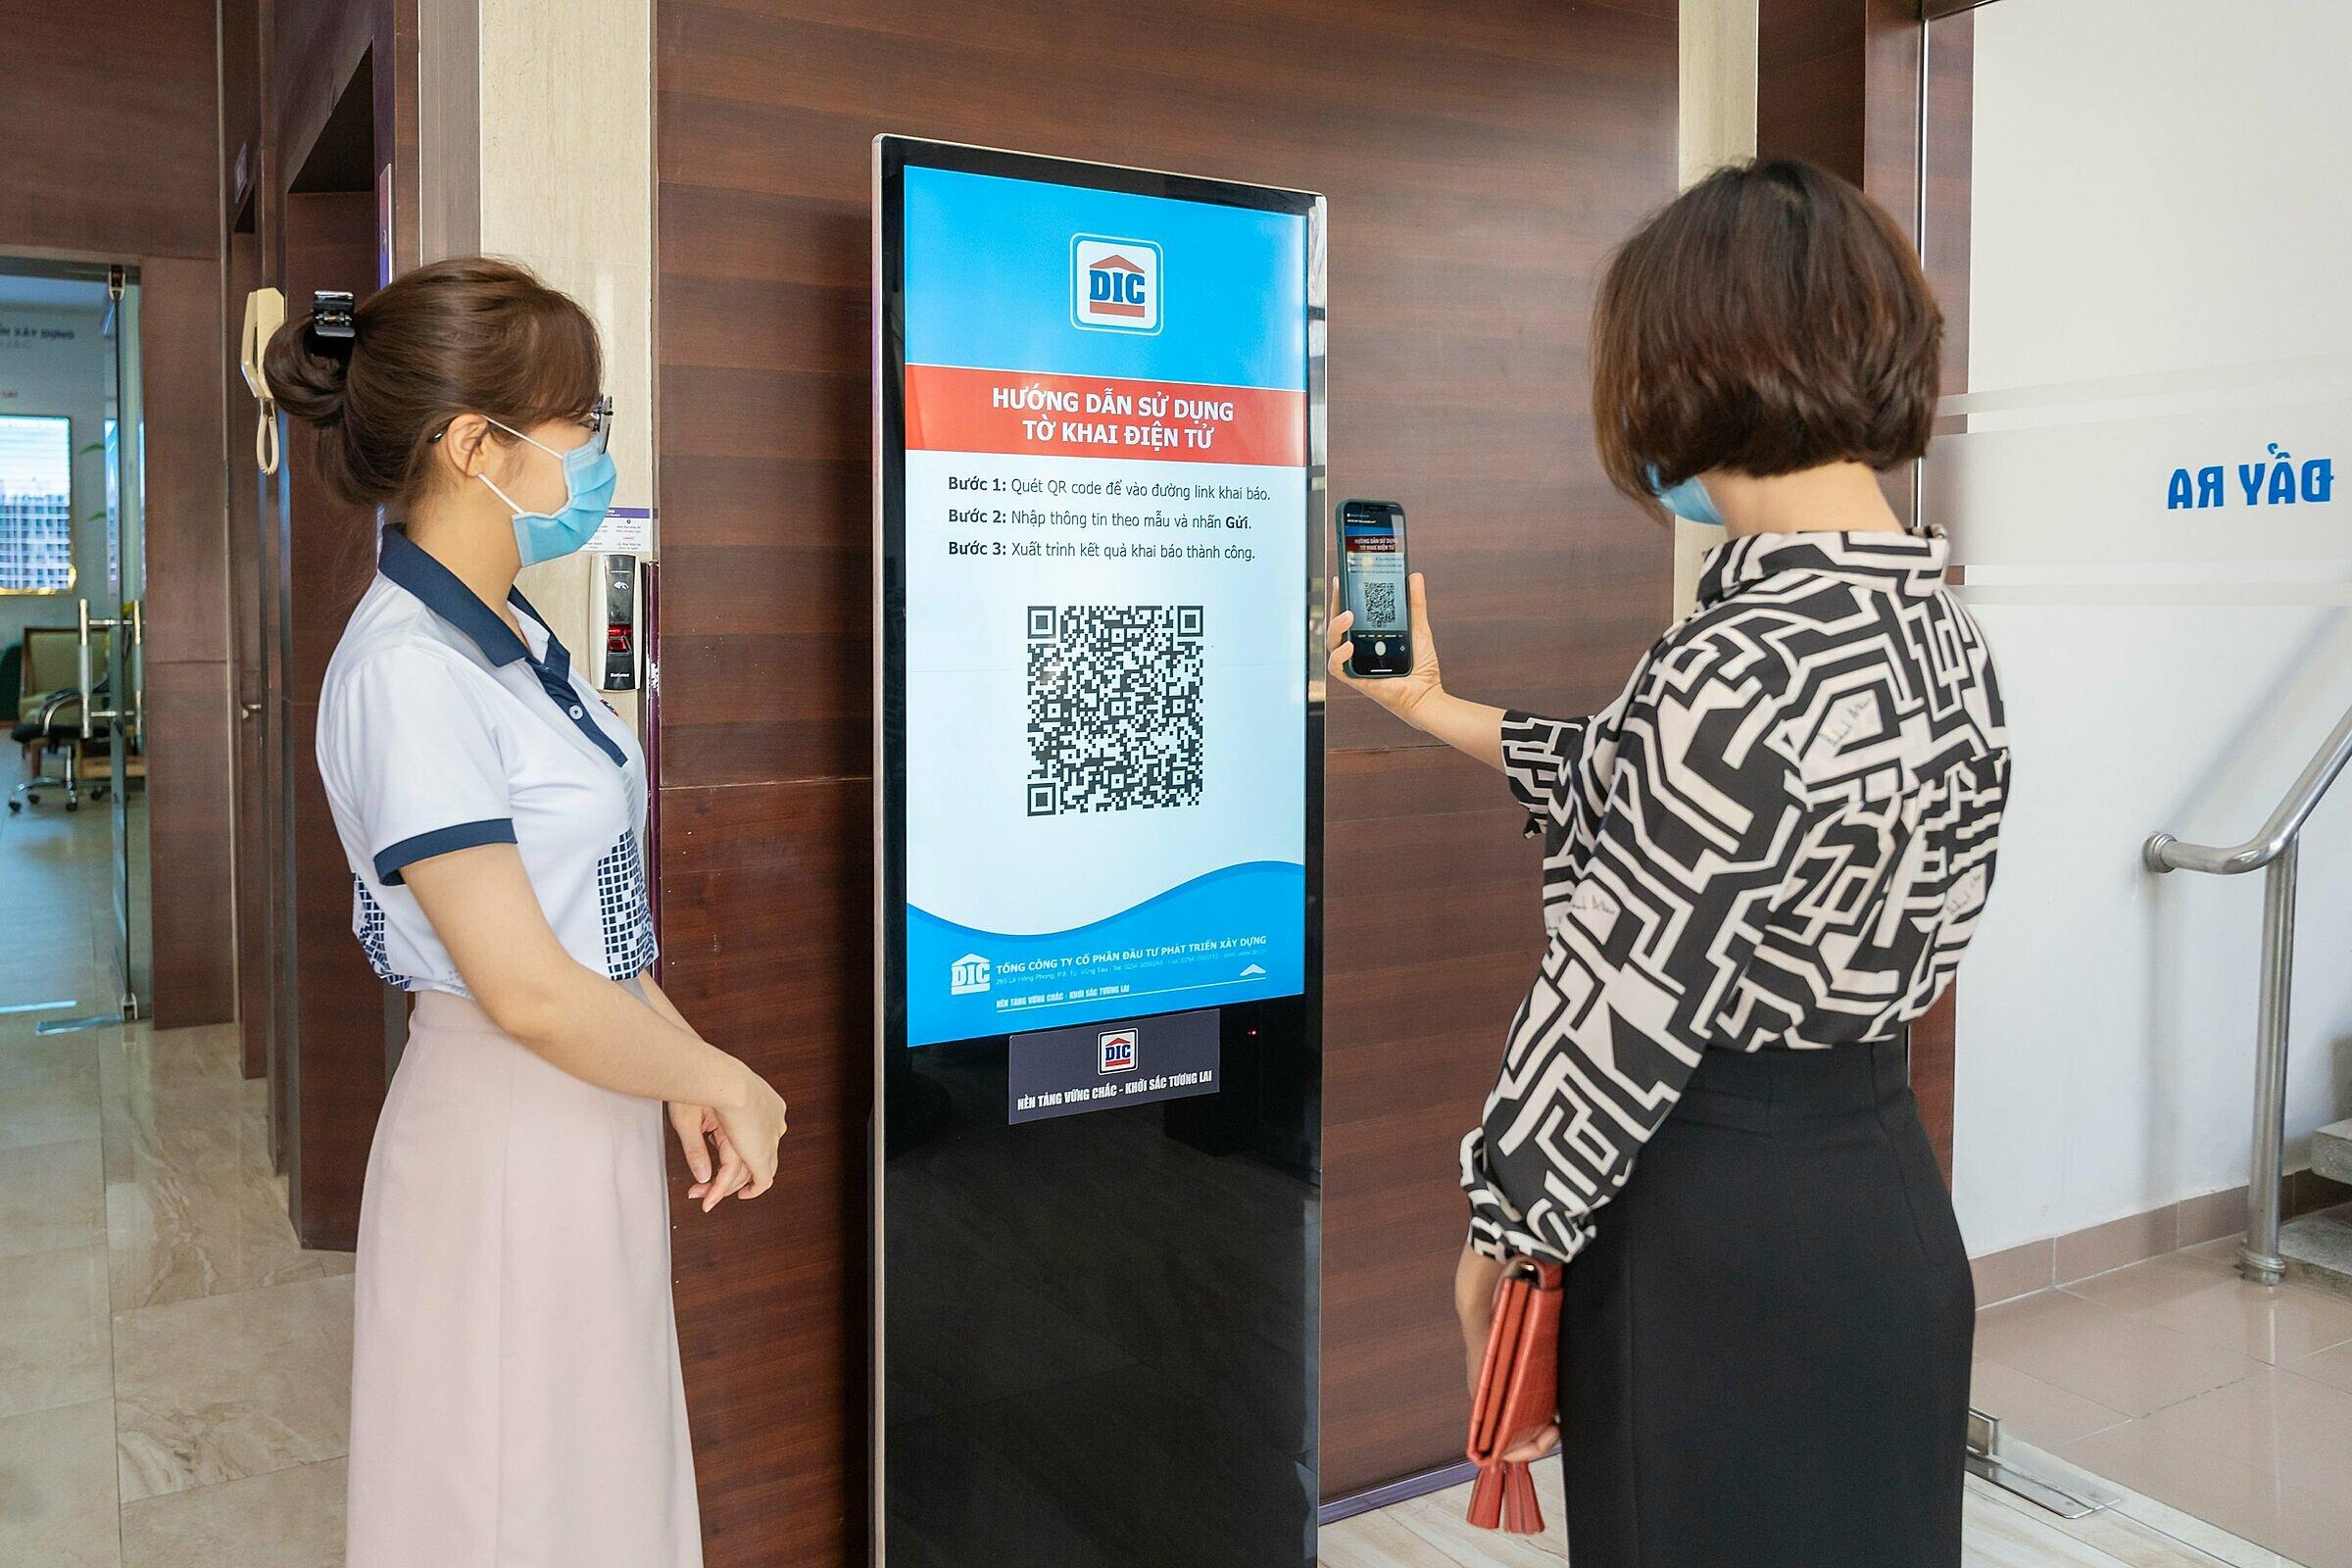 Bảng thông tin chứa mã QR để khai báo y tế điện tử tại trụ sở Tập đoàn DIC.